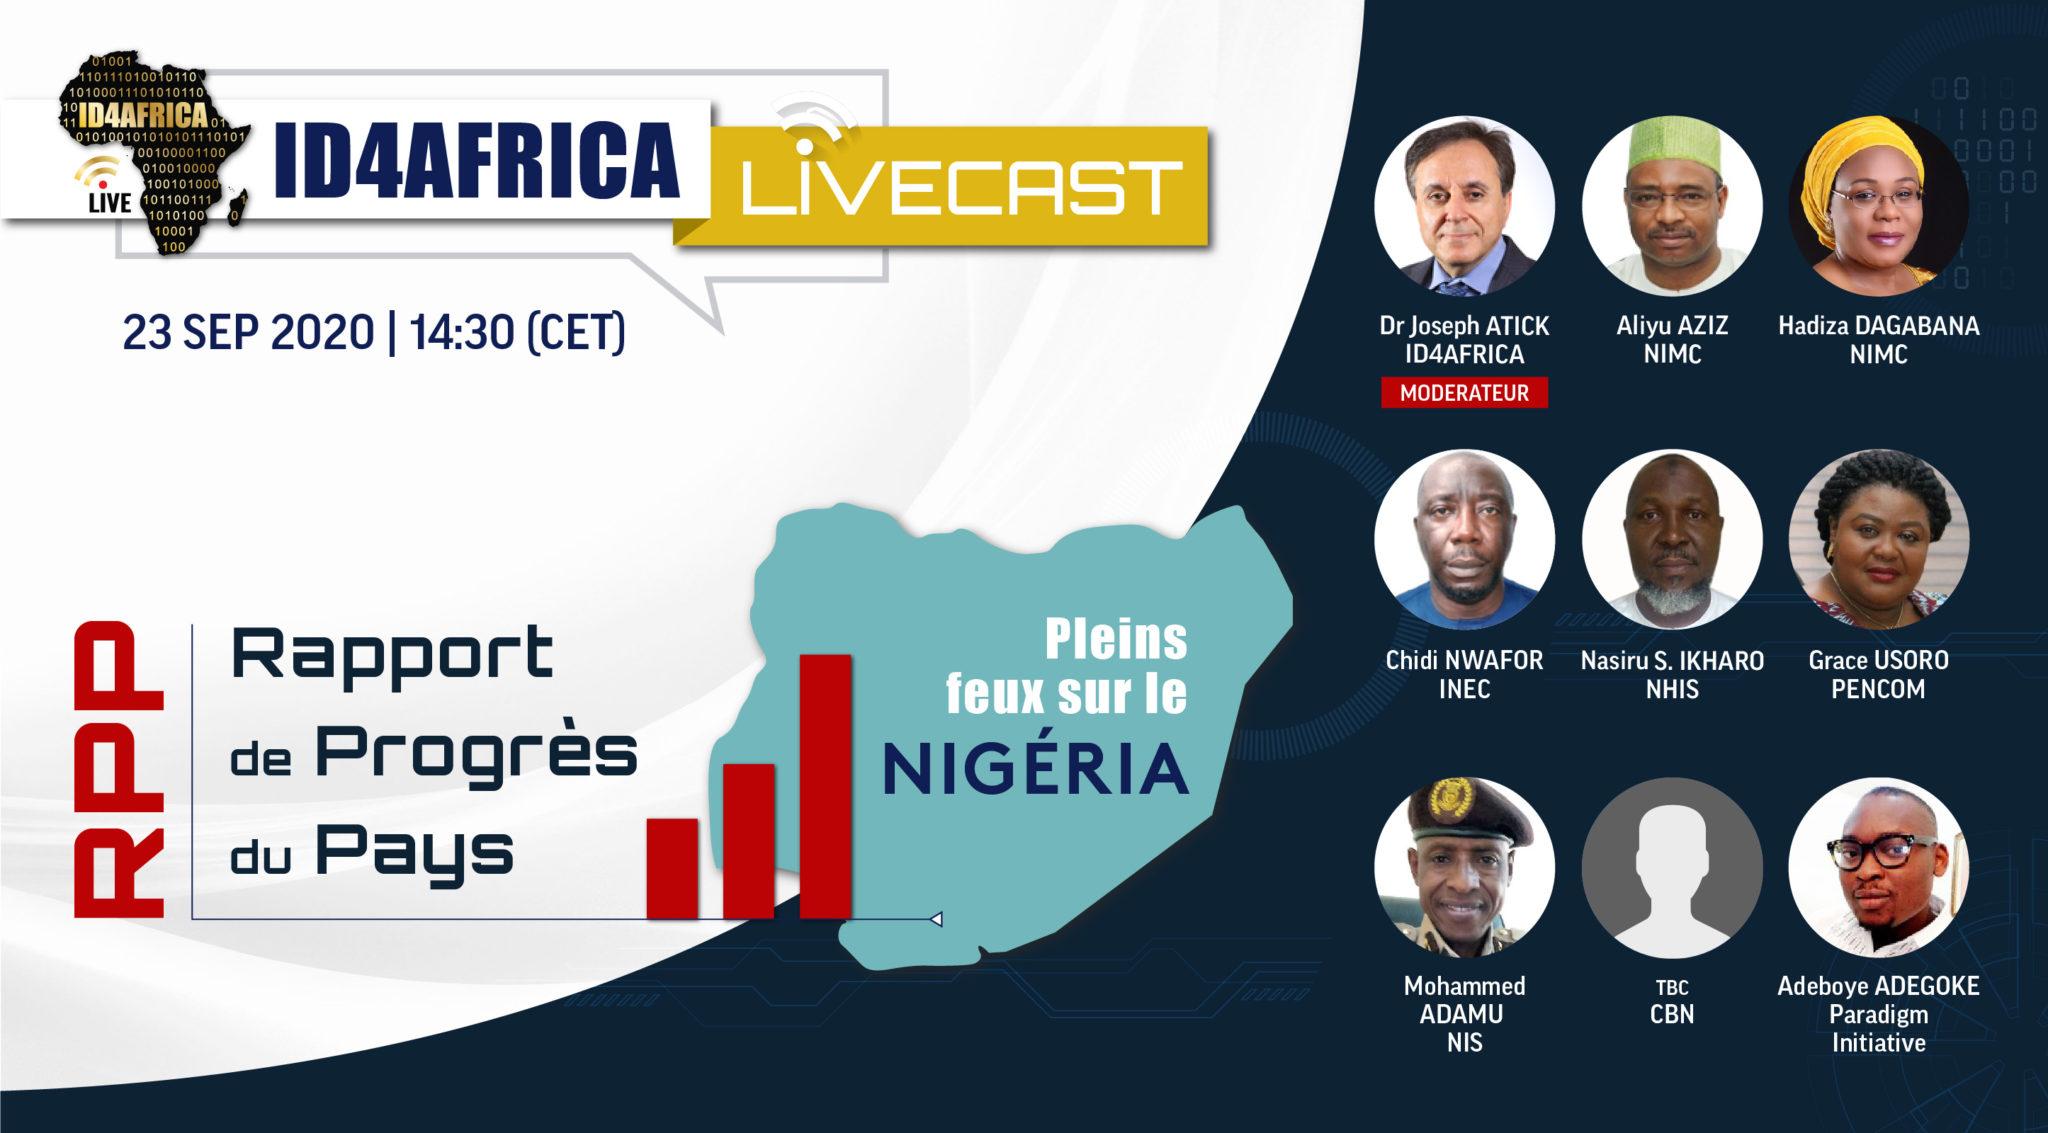 Rapport de Progrès de Pays – Pleins feux sur le Nigéria